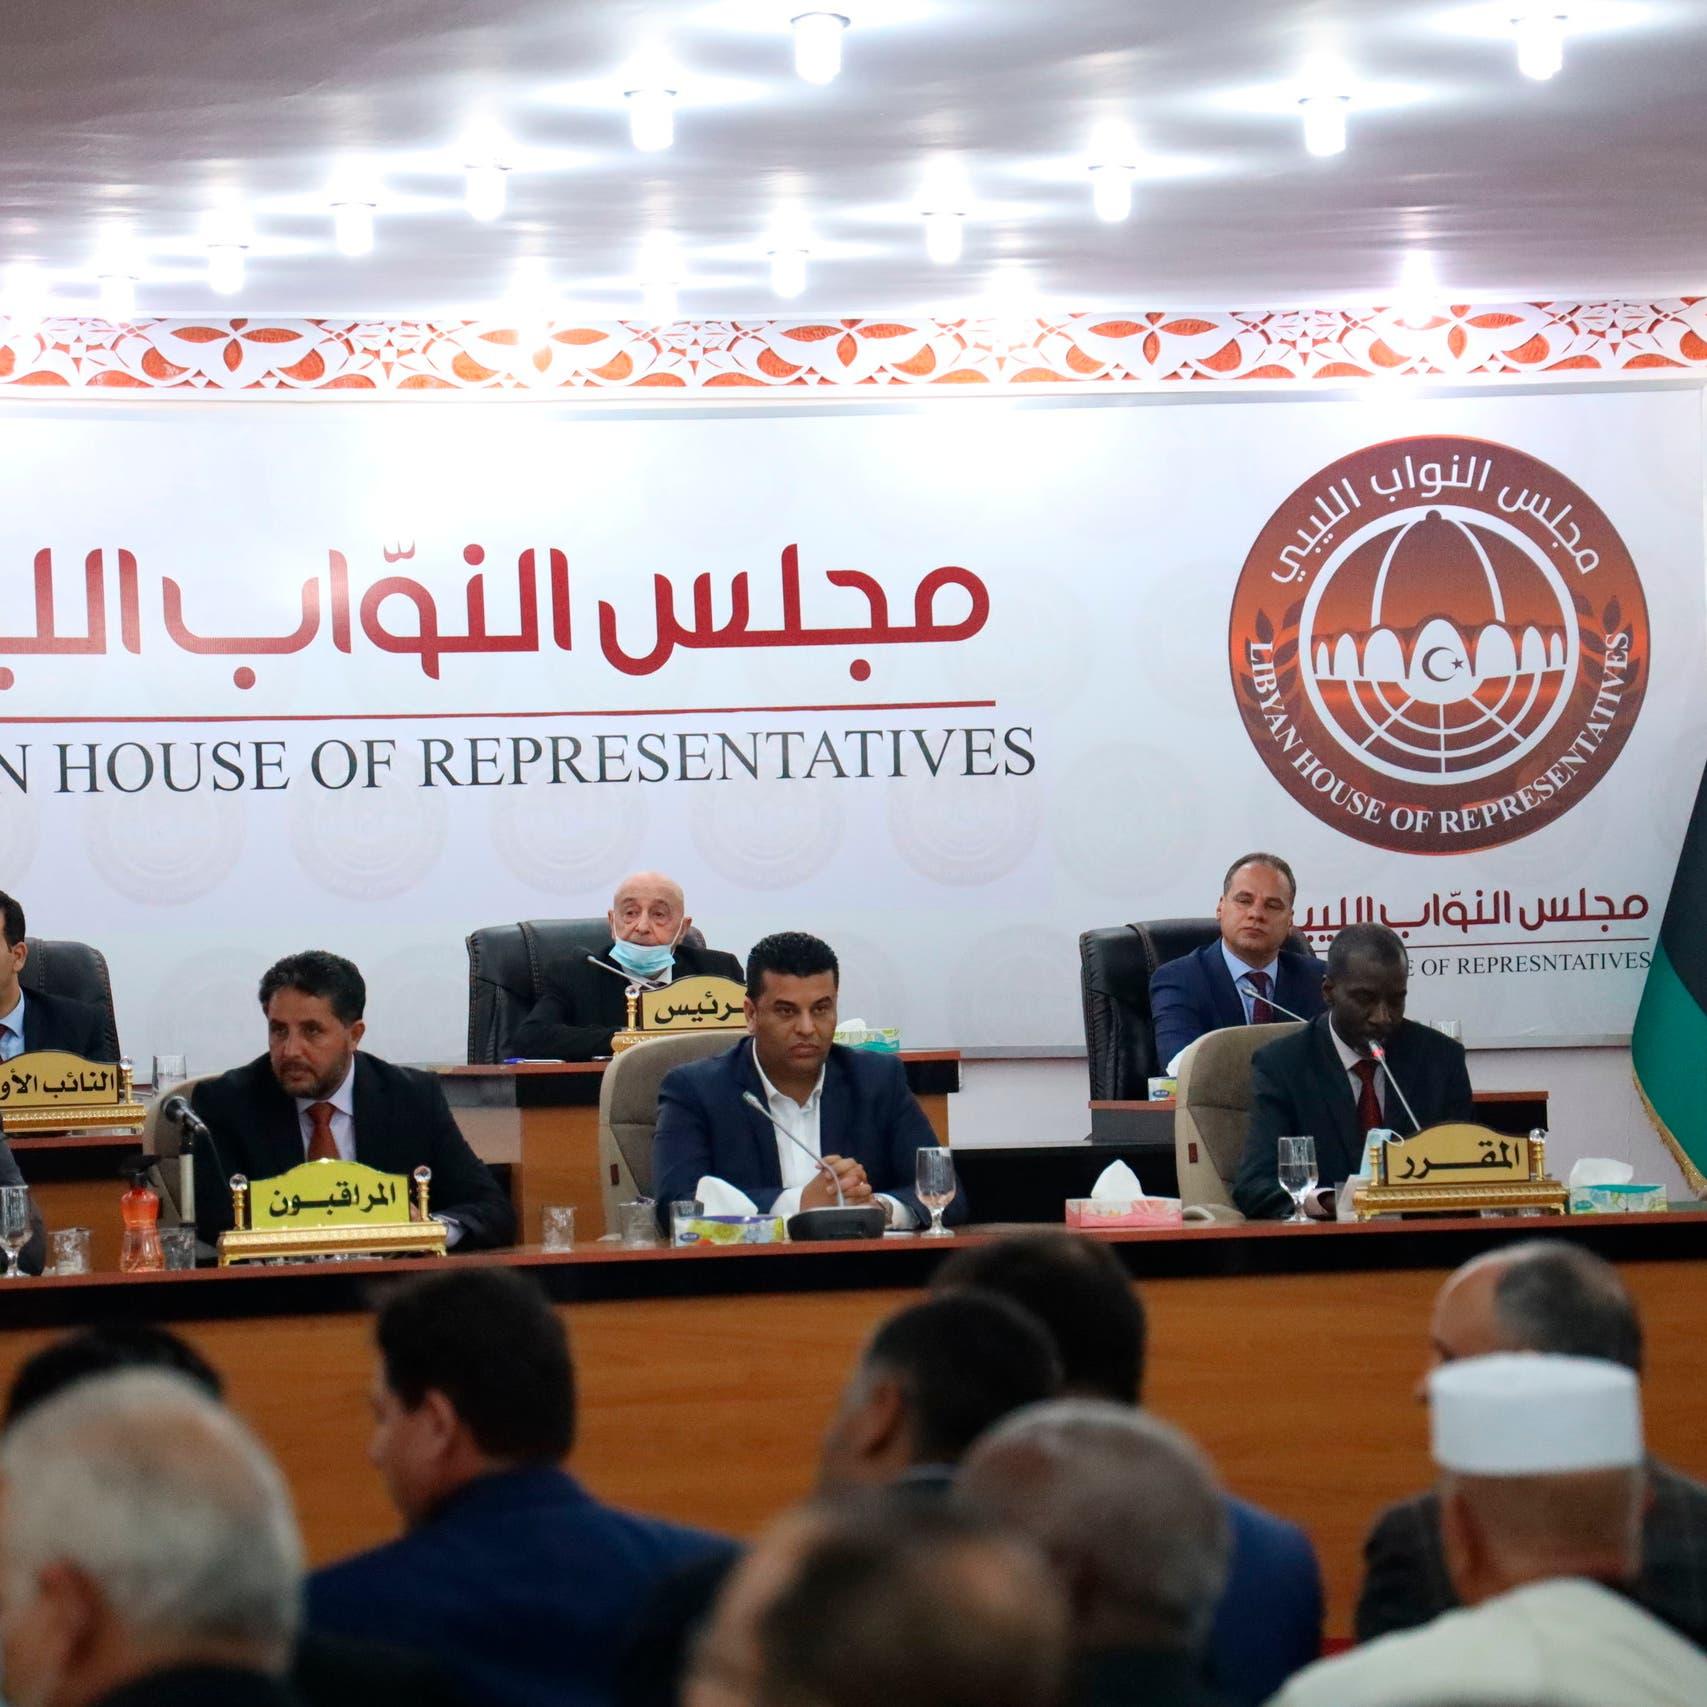 ليبيا.. مفوضية الانتخابات تتسلم قانون انتخاب الرئيس